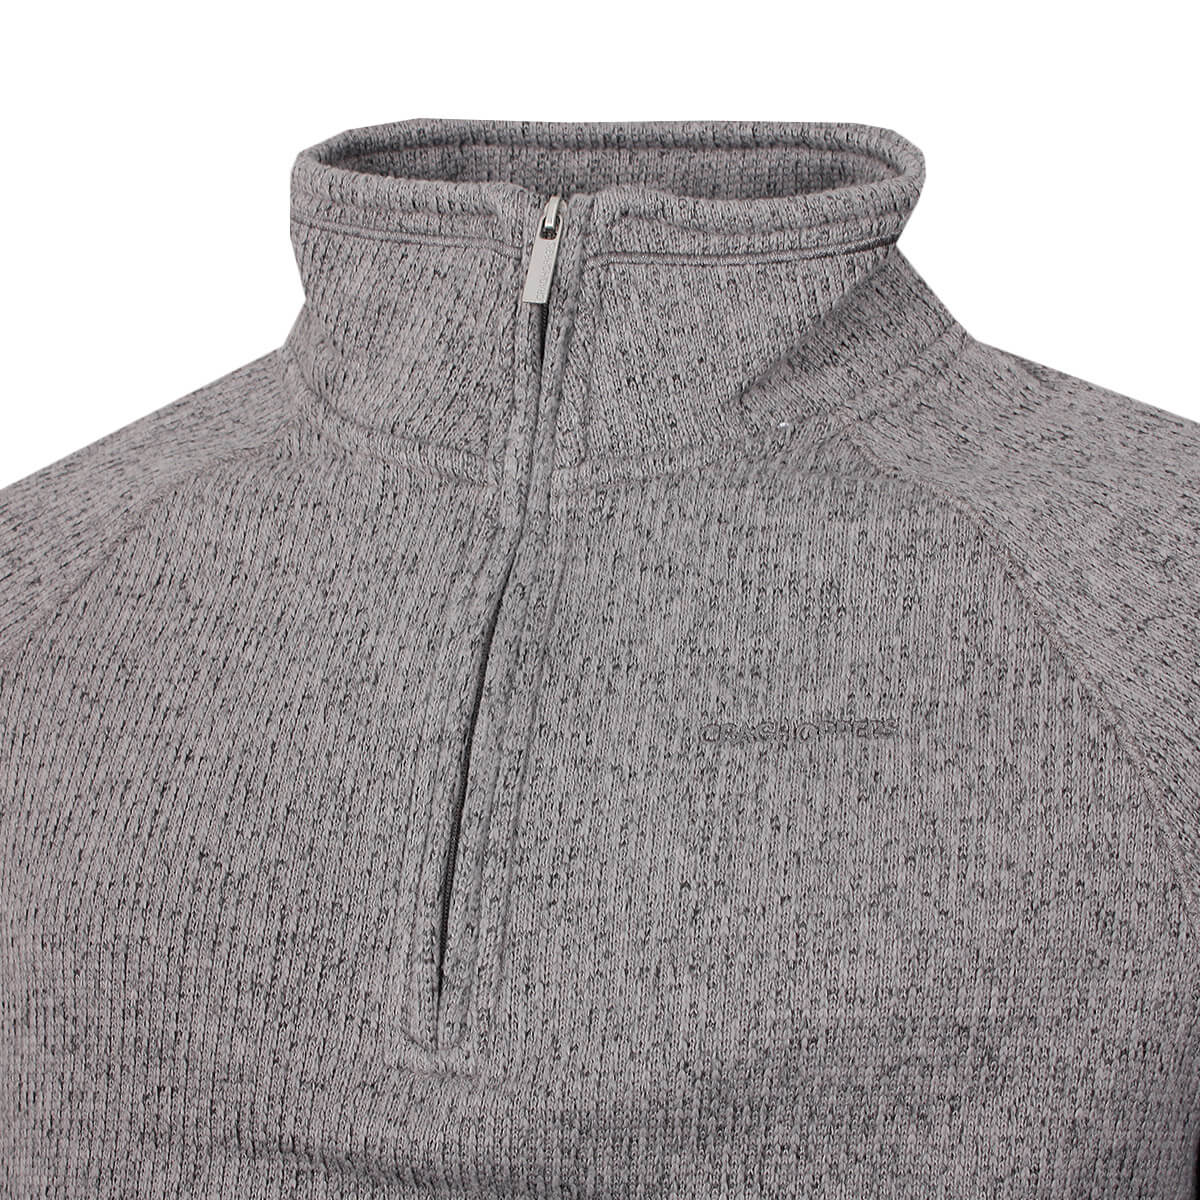 Craghoppers-Mens-Norton-Half-Zip-Fleece-Outdoor-Sweater-Pullover-60-OFF-RRP Indexbild 8